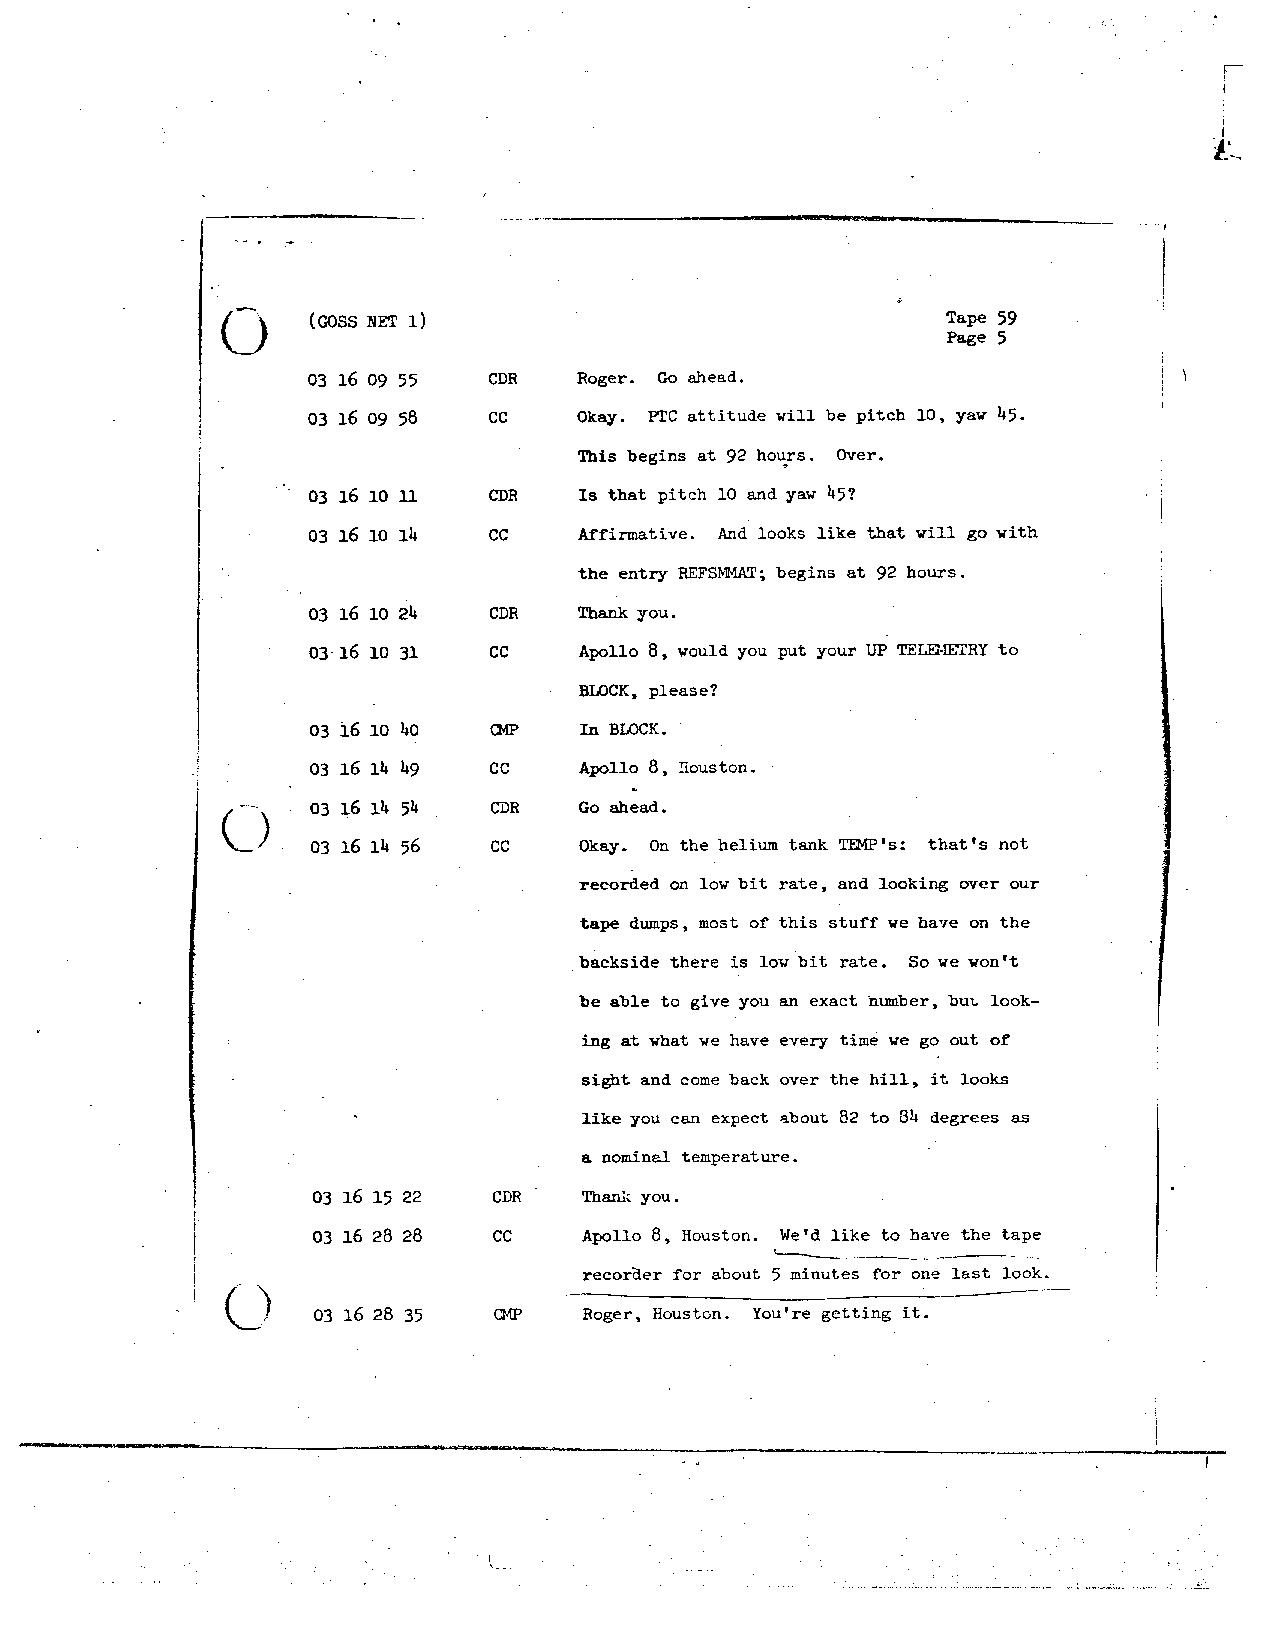 Page 474 of Apollo 8's original transcript